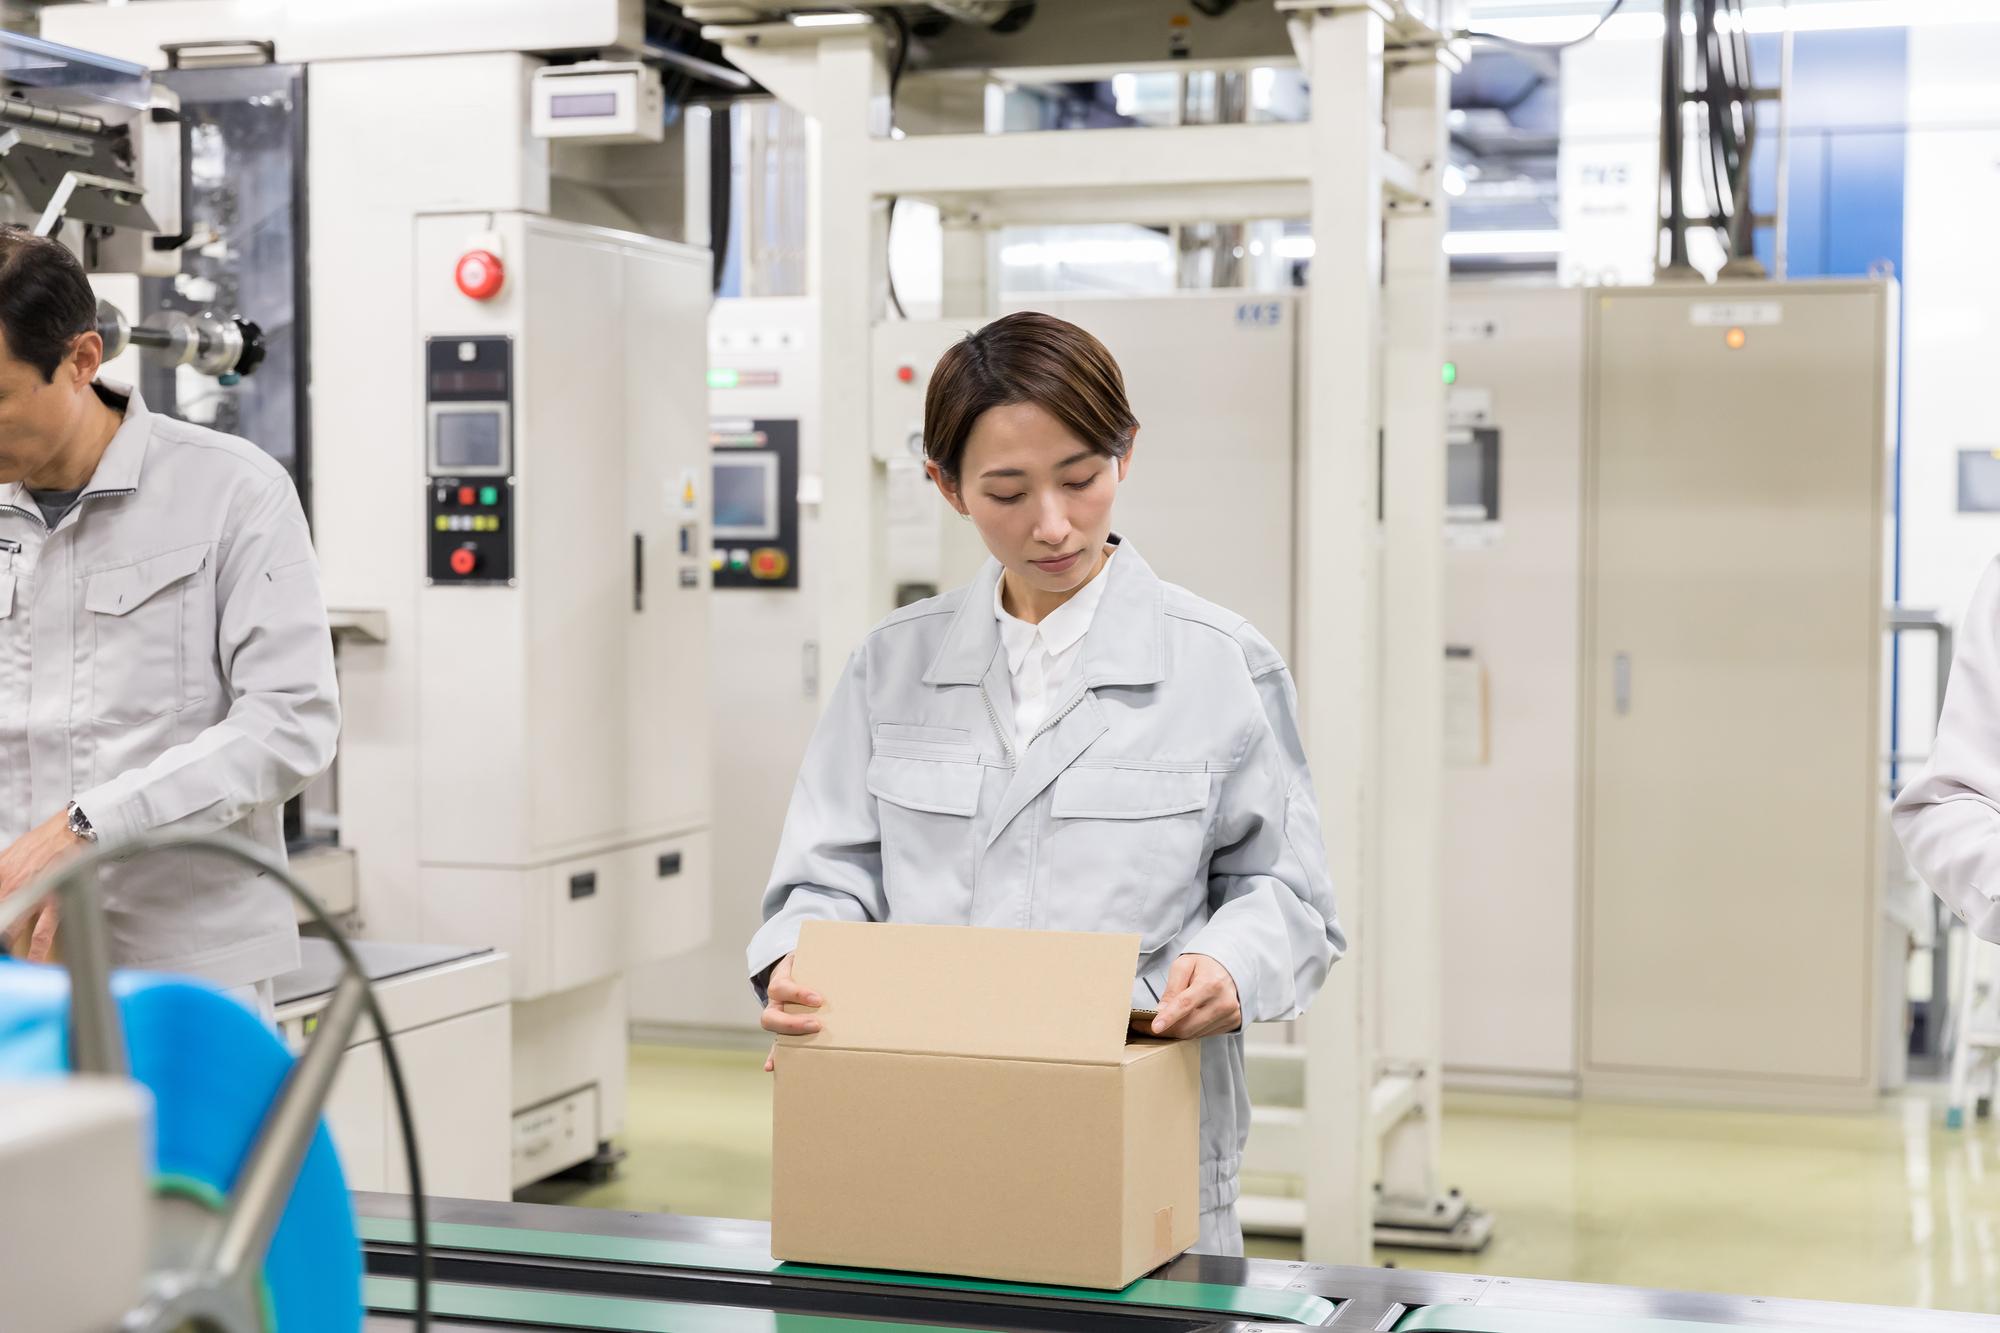 店舗・本社・工場の全社管理を実現!店舗や製造ラインの繁忙分析、適切な人員配置に貢献!